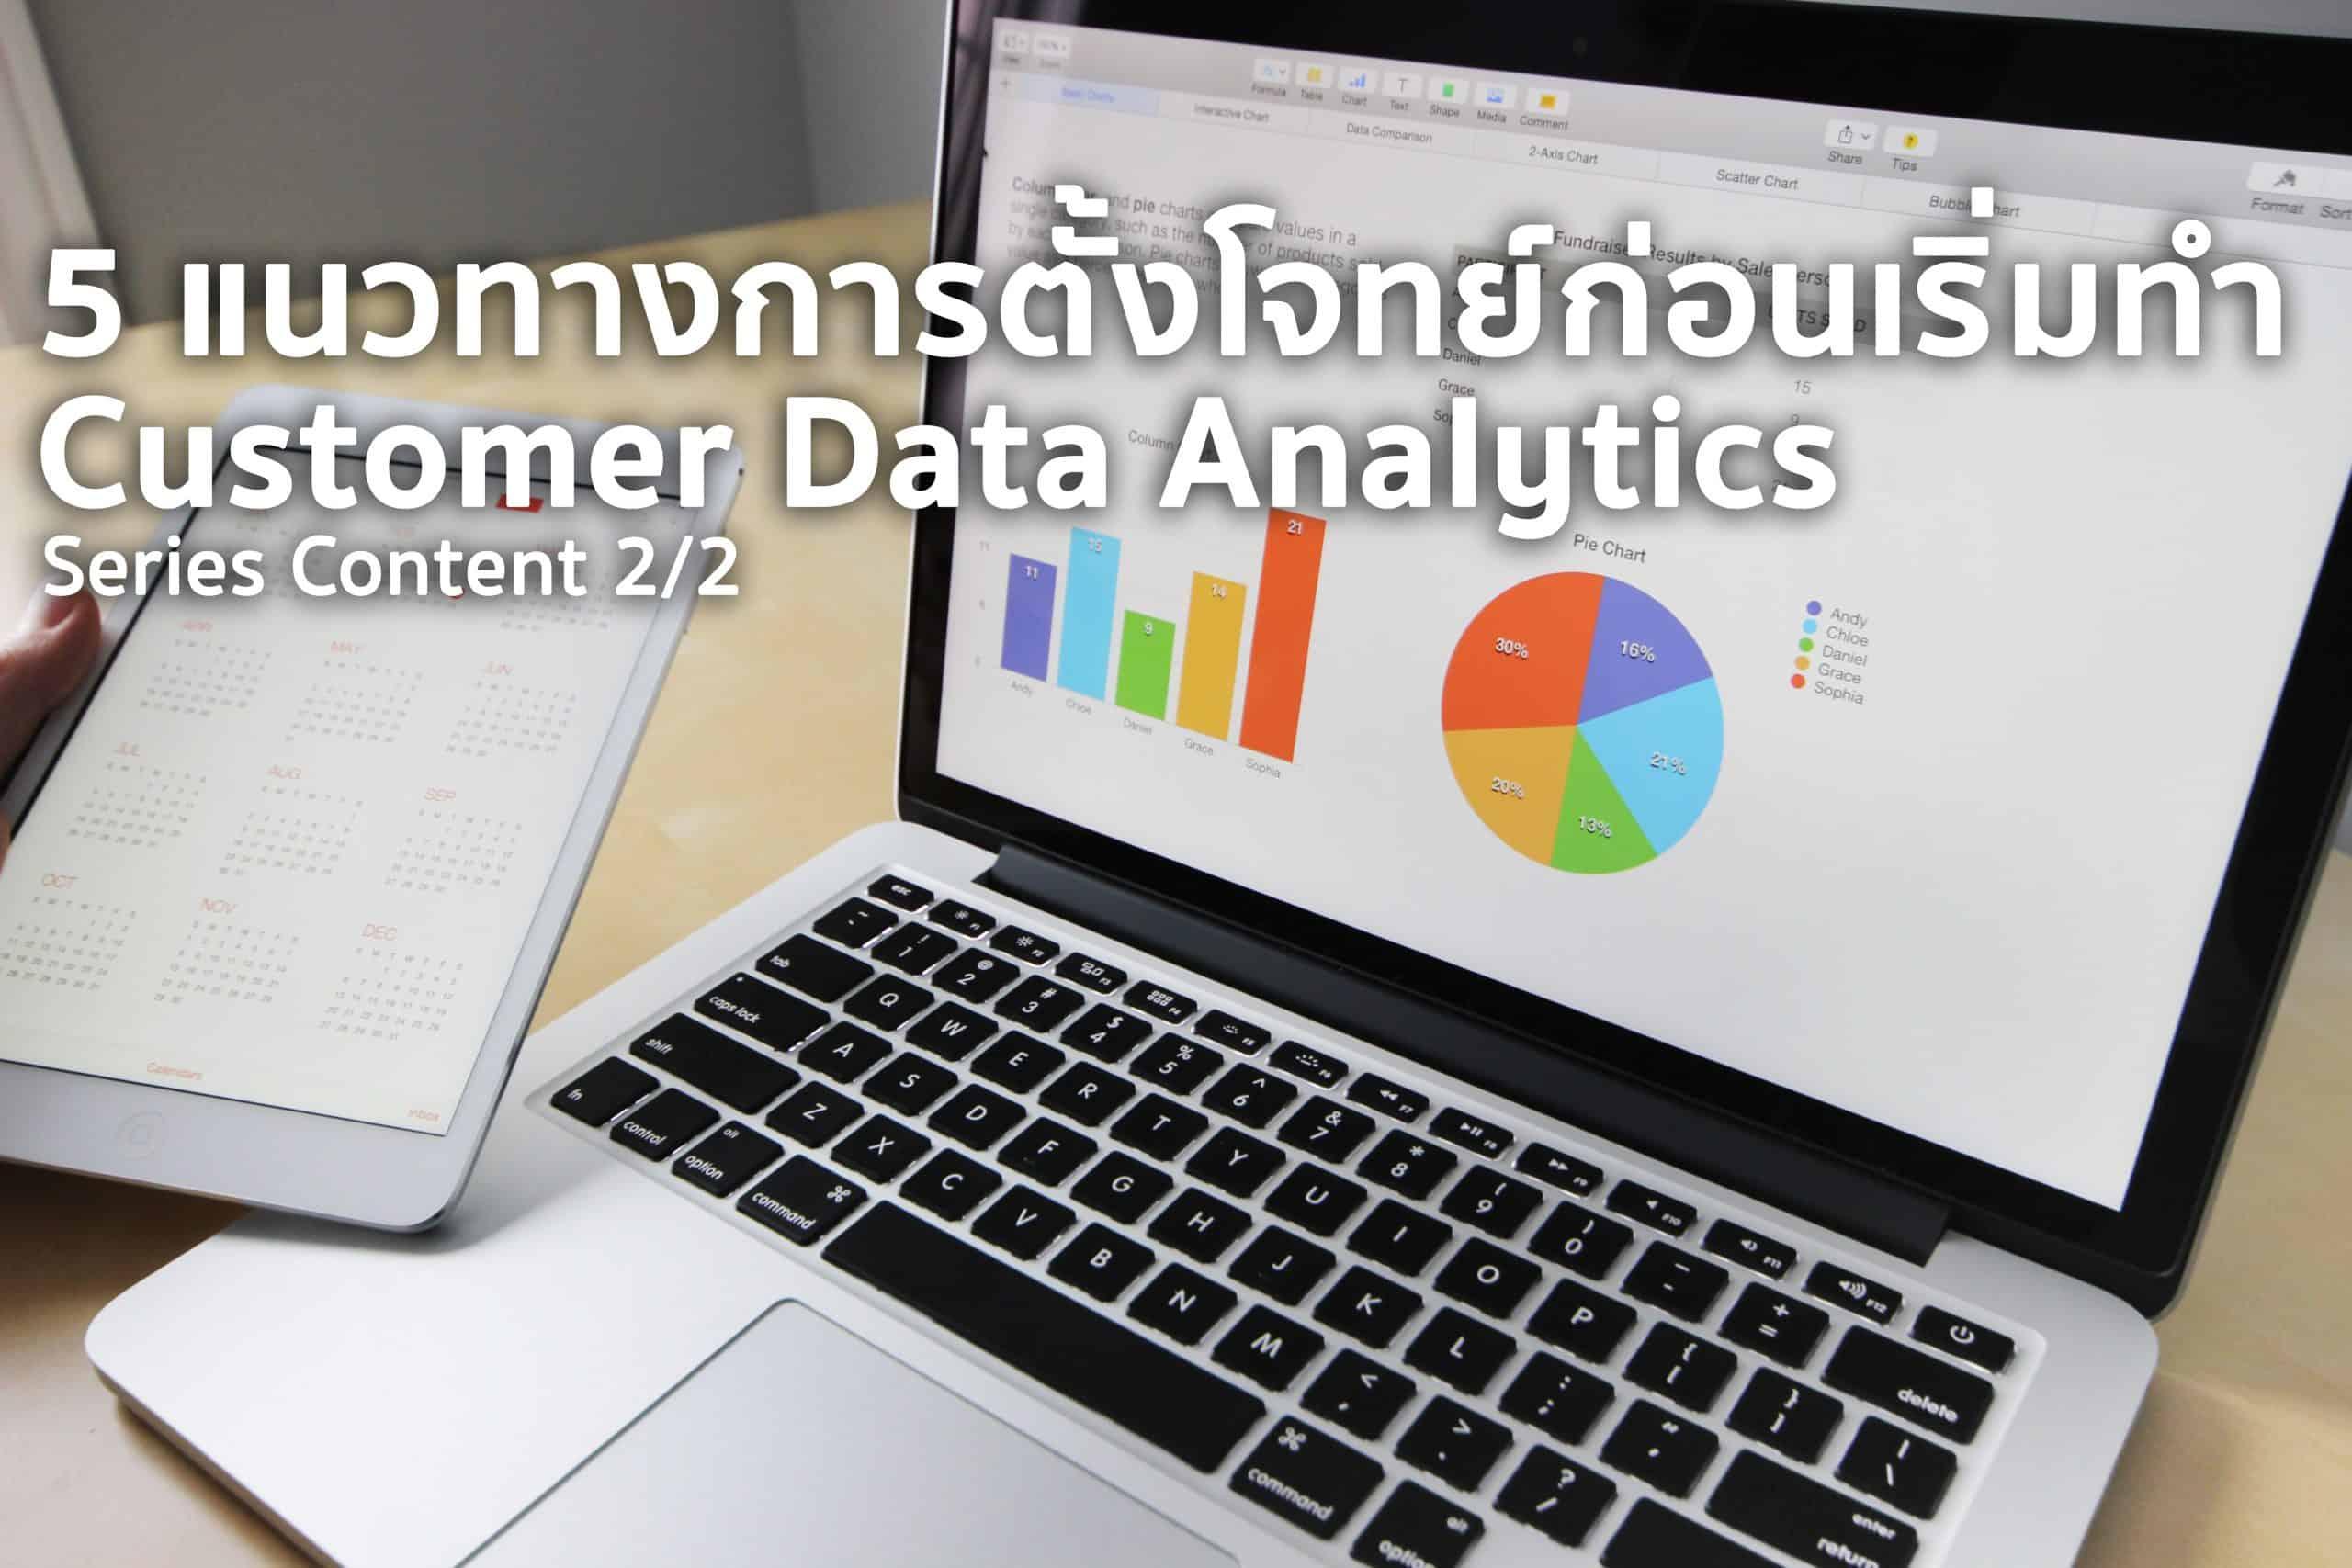 ธุรกิจใดทำ Customer Data Analytics แล้วรุ่ง และ 5 แนวทางการตั้งโจทย์ให้เป็นก่อนทำ